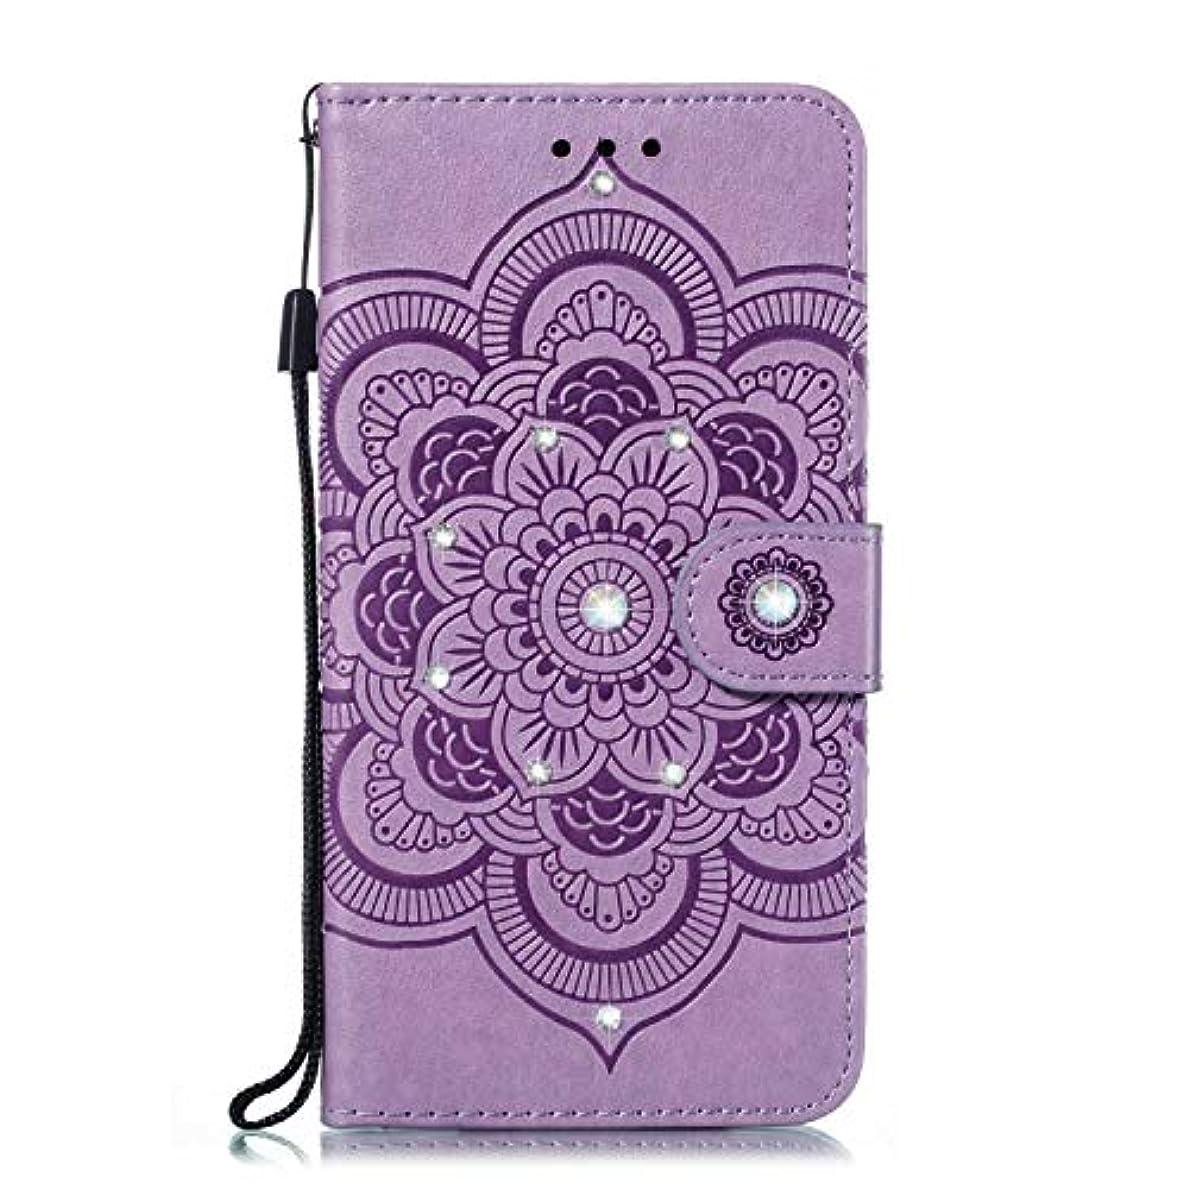 きちんとした米国膜OMATENTI Galaxy M30 ケース 手帳型 かわいい レディース用 合皮PUレザー 財布型 保護ケース ザー カード収納 スタンド 機能 マグネット 人気 高品質 ダイヤモンドの輝き マンダラのエンボス加工 ケース, 紫の